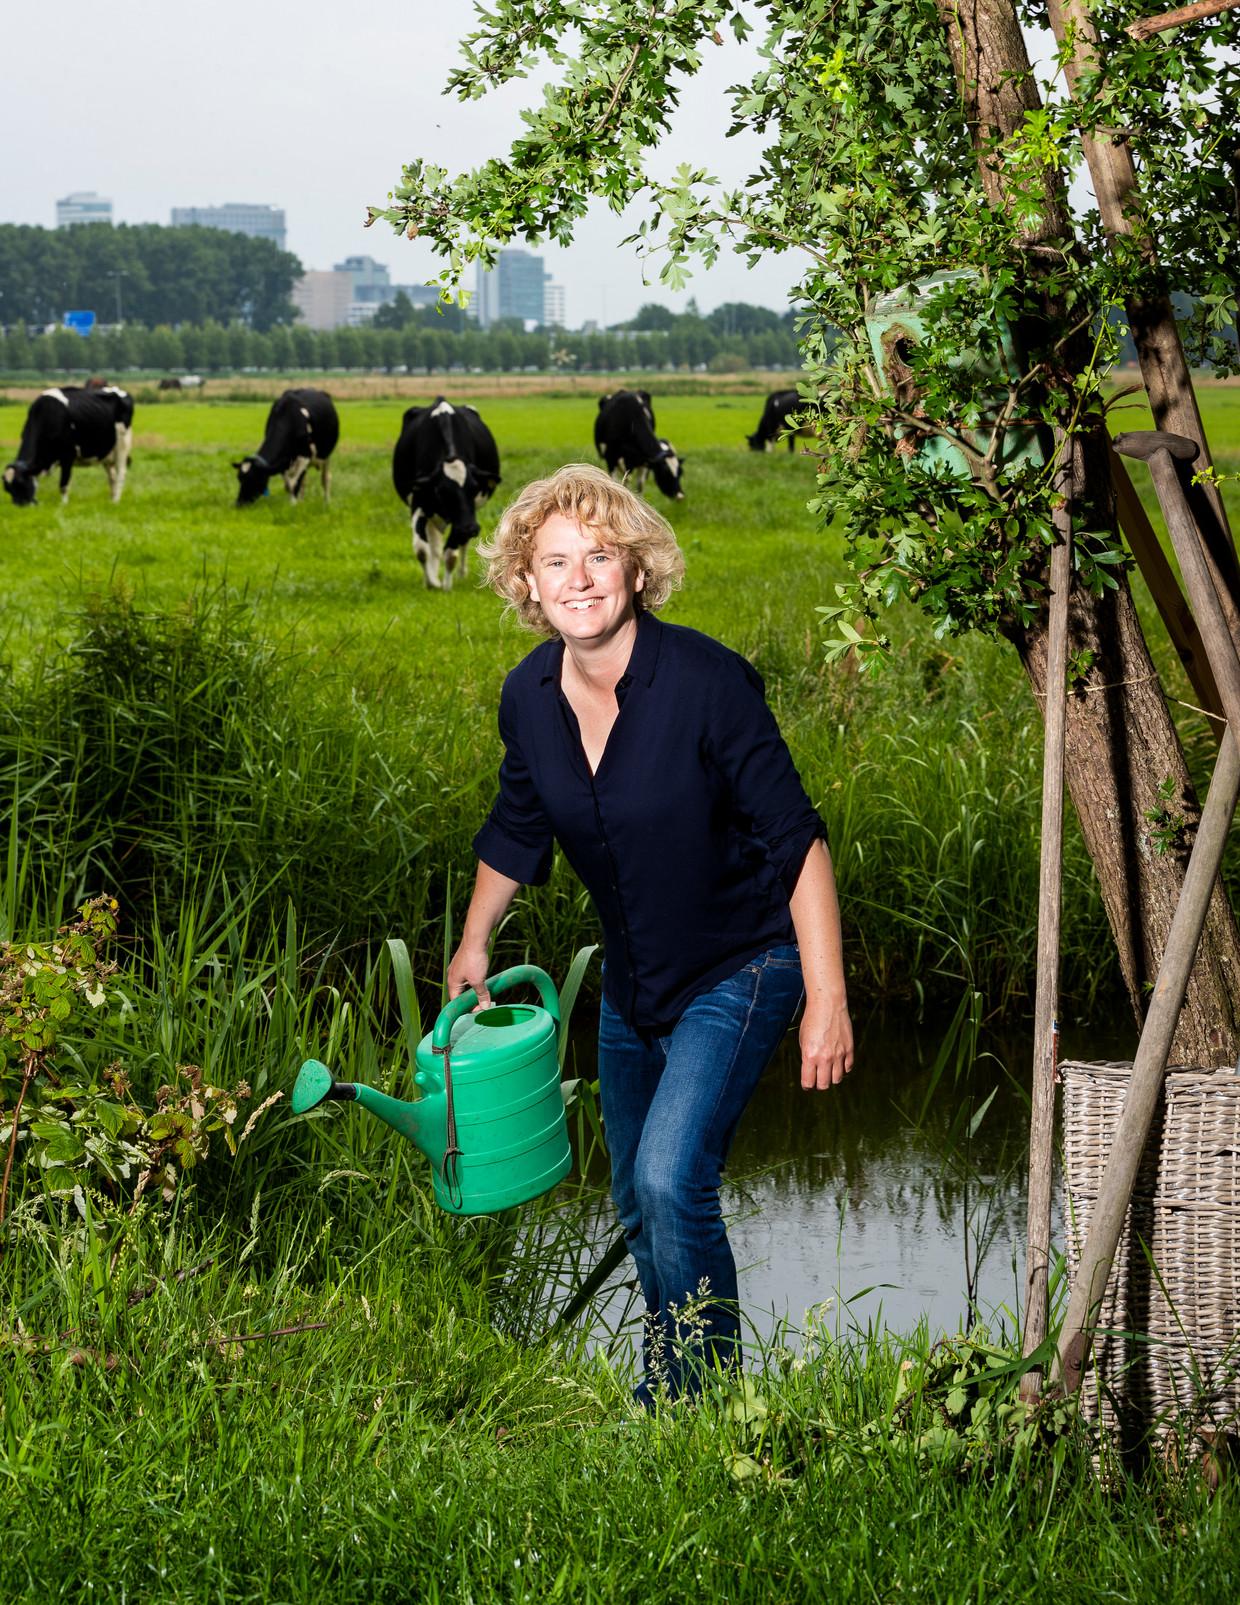 Geograaf Floor Milikowski ontdekte gaandeweg haar carrière dat de geografische ongelijkheid in Nederland een beleidskeuze is. Beeld Jiri Büller